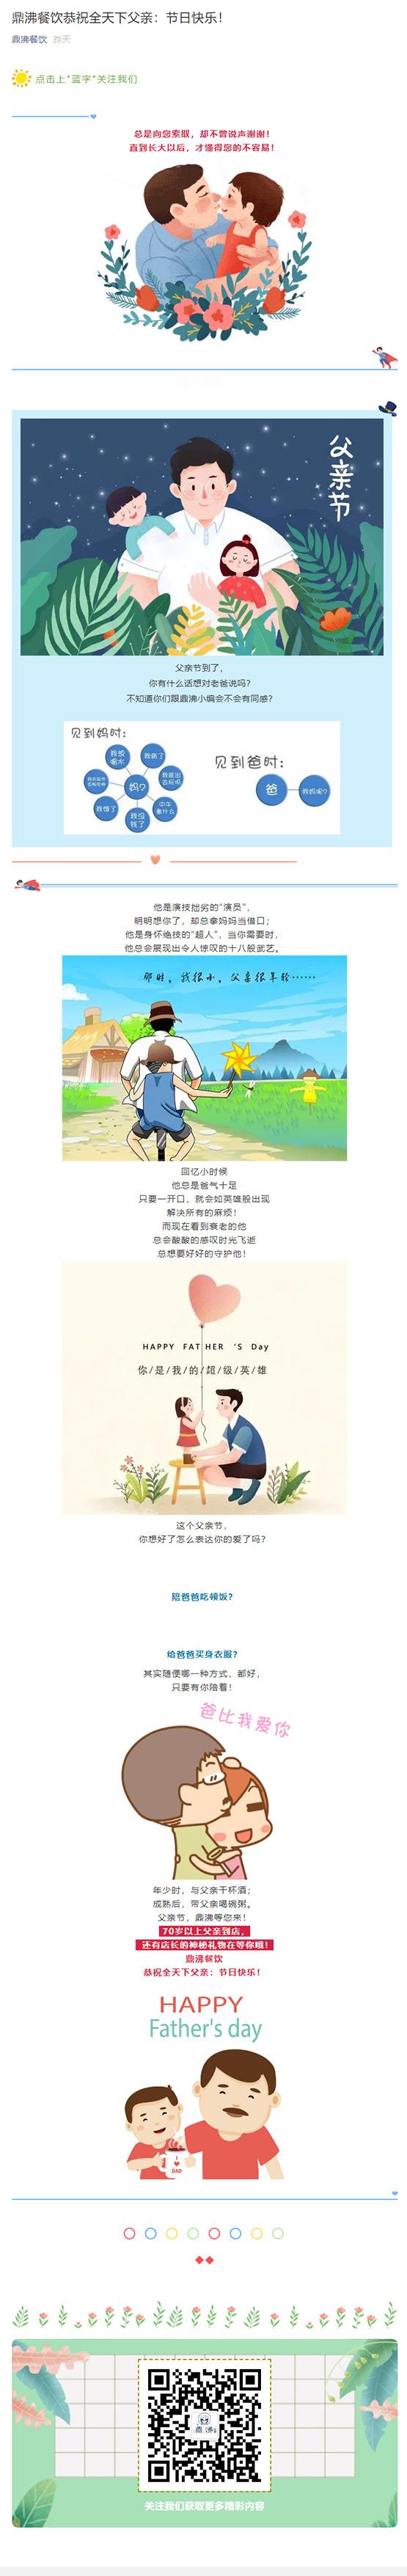 鼎沸端午特供粽,祝您端午安康!_03.jpg